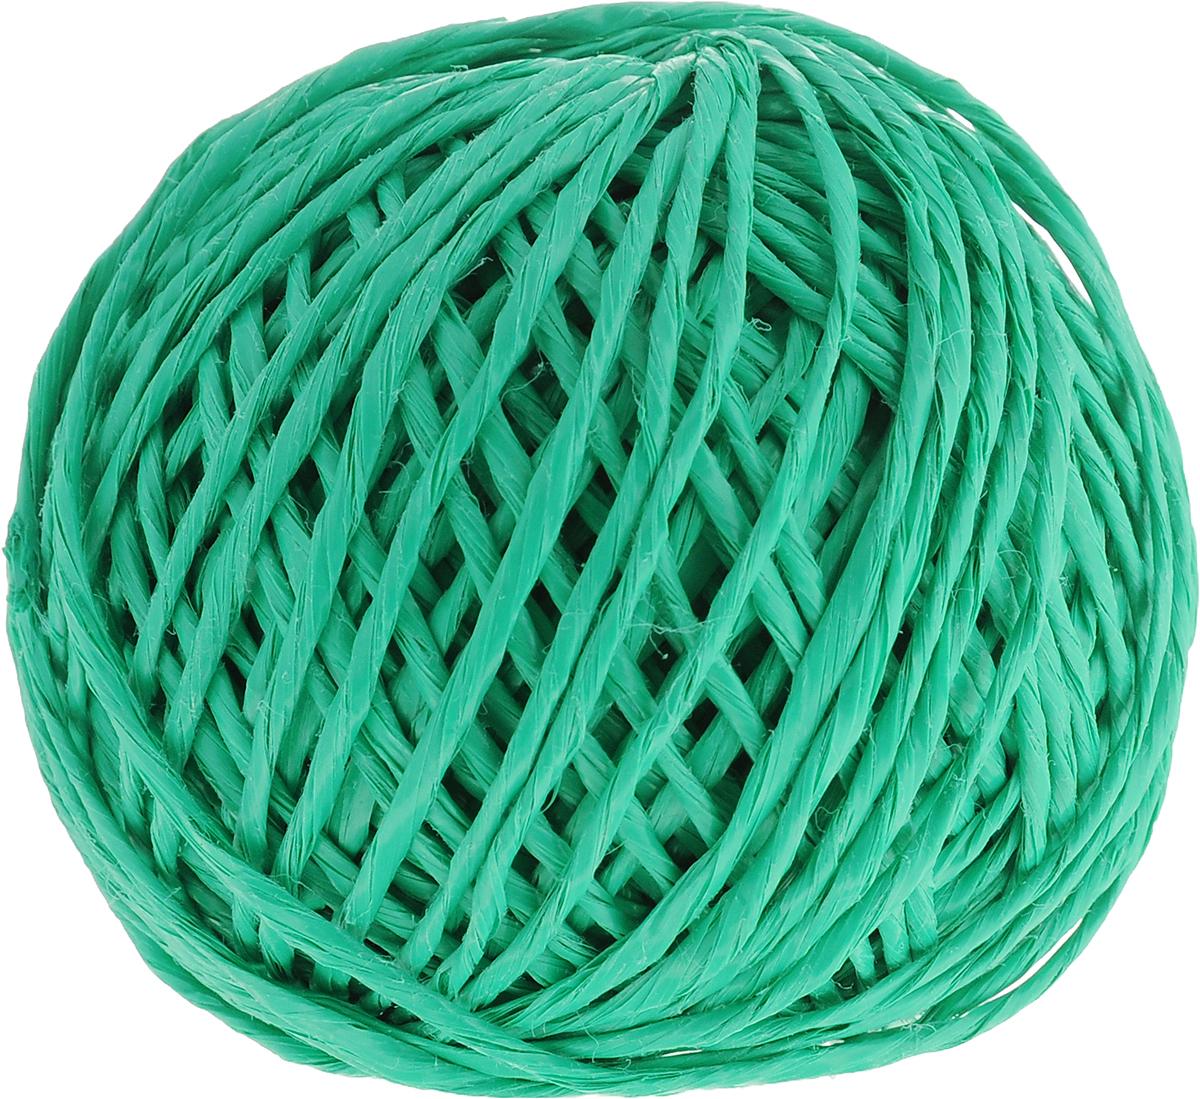 Шпагат Шнурком, цвет: зеленый, длина 60 мШпп_60_зеленыйПолипропиленовый шпагат Шнурком плотностью 1000 текс входит в категорию веревочной продукции, сырьем для которой являются синтетические волокна, в частности полипропиленовая нить. Данный материал характеризуется высокой прочностью и стойкостью к износу. Кроме того, он эластичен, гибок, не боится многократных изгибов, плотно облегает изделие при обвязке и легко завязывается в крепкие узлы. Относительная удельная плотность полипропиленовых шпагатов варьируется от 0,70 до 0,91 кг/м3. Температура плавления от 150 до 170°C (в зависимости от вида и модели шпагата). Удлинение под предельной нагрузкой (18-20%).Длина шпагата: 60 м. Толщина нити: 2 мм. Линейная плотность шпагата: 1000 текс.